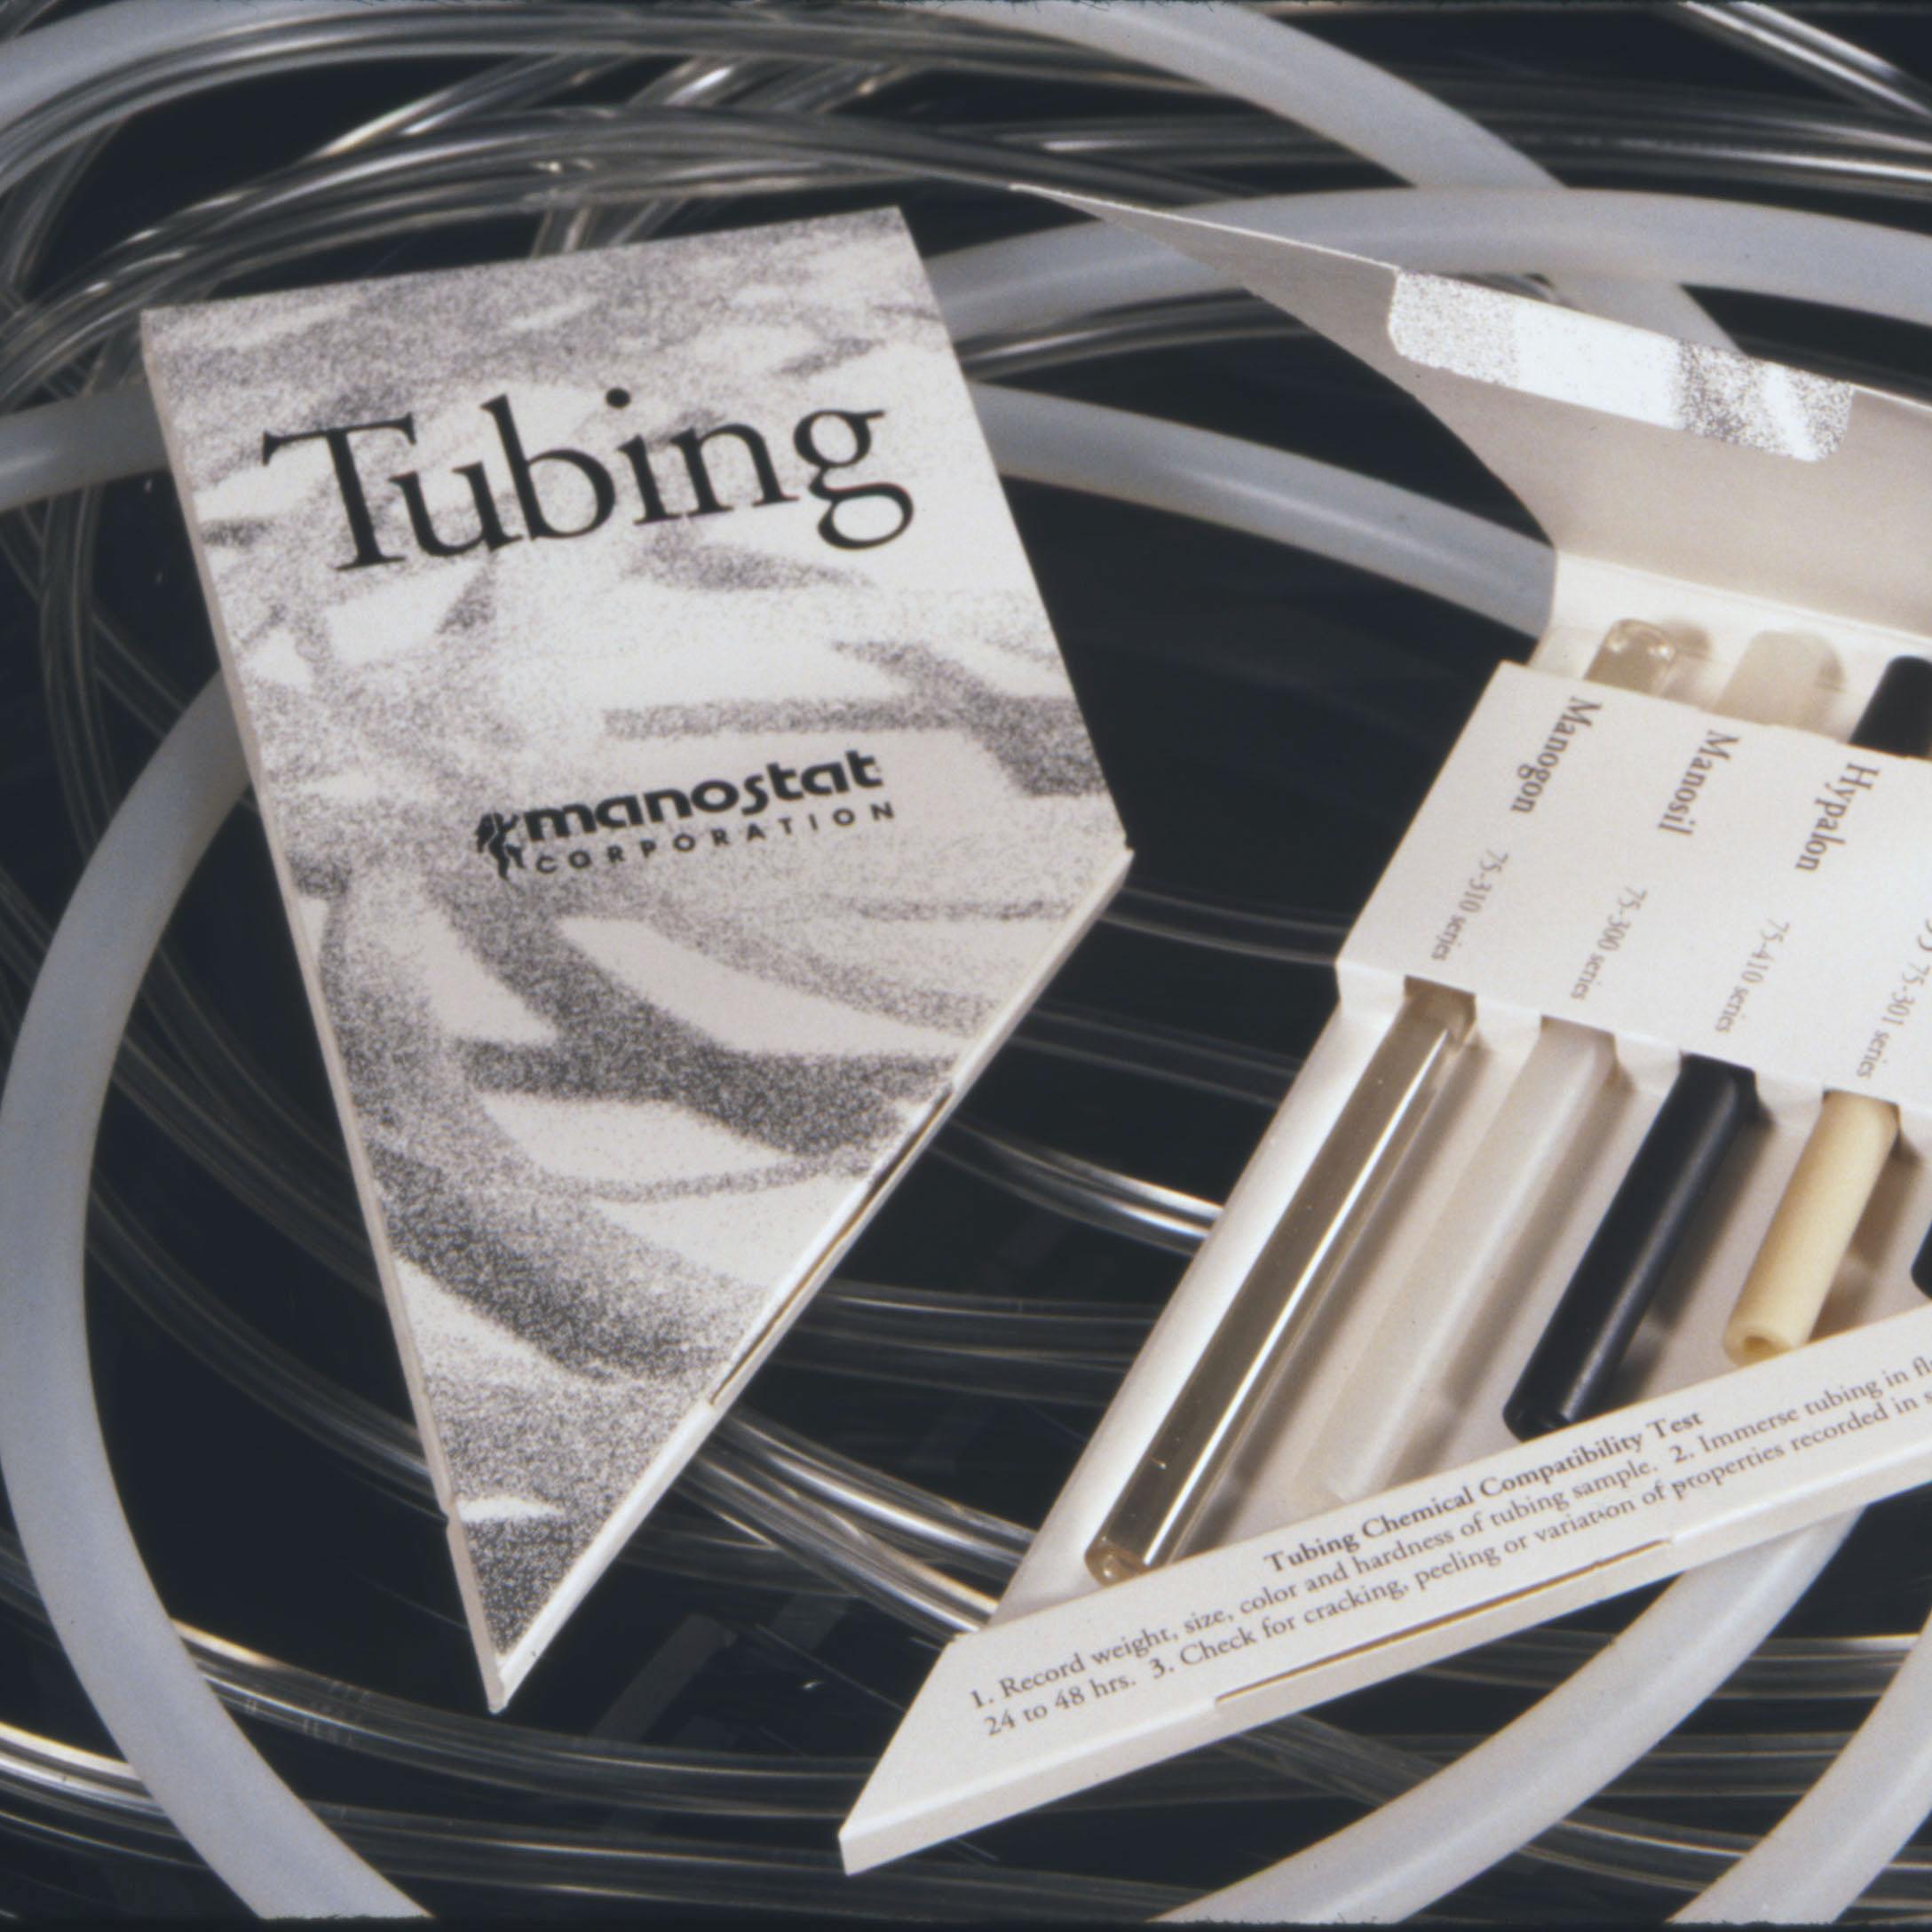 Sample tubing packaging